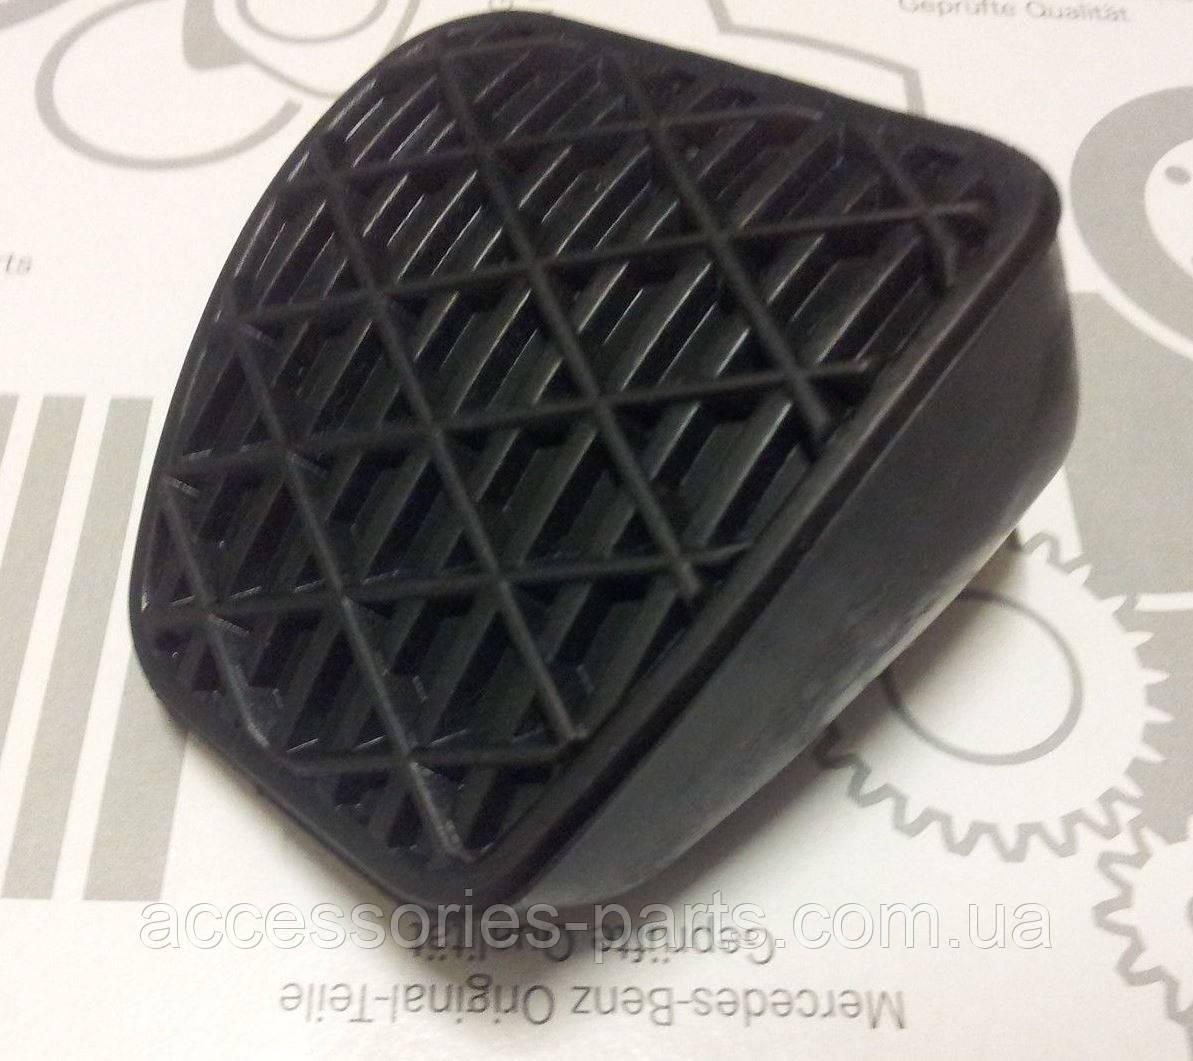 Накладка на Педаль Тормоза Mercedes-Benz  VITO CDI Sprinter Новая Оригинал